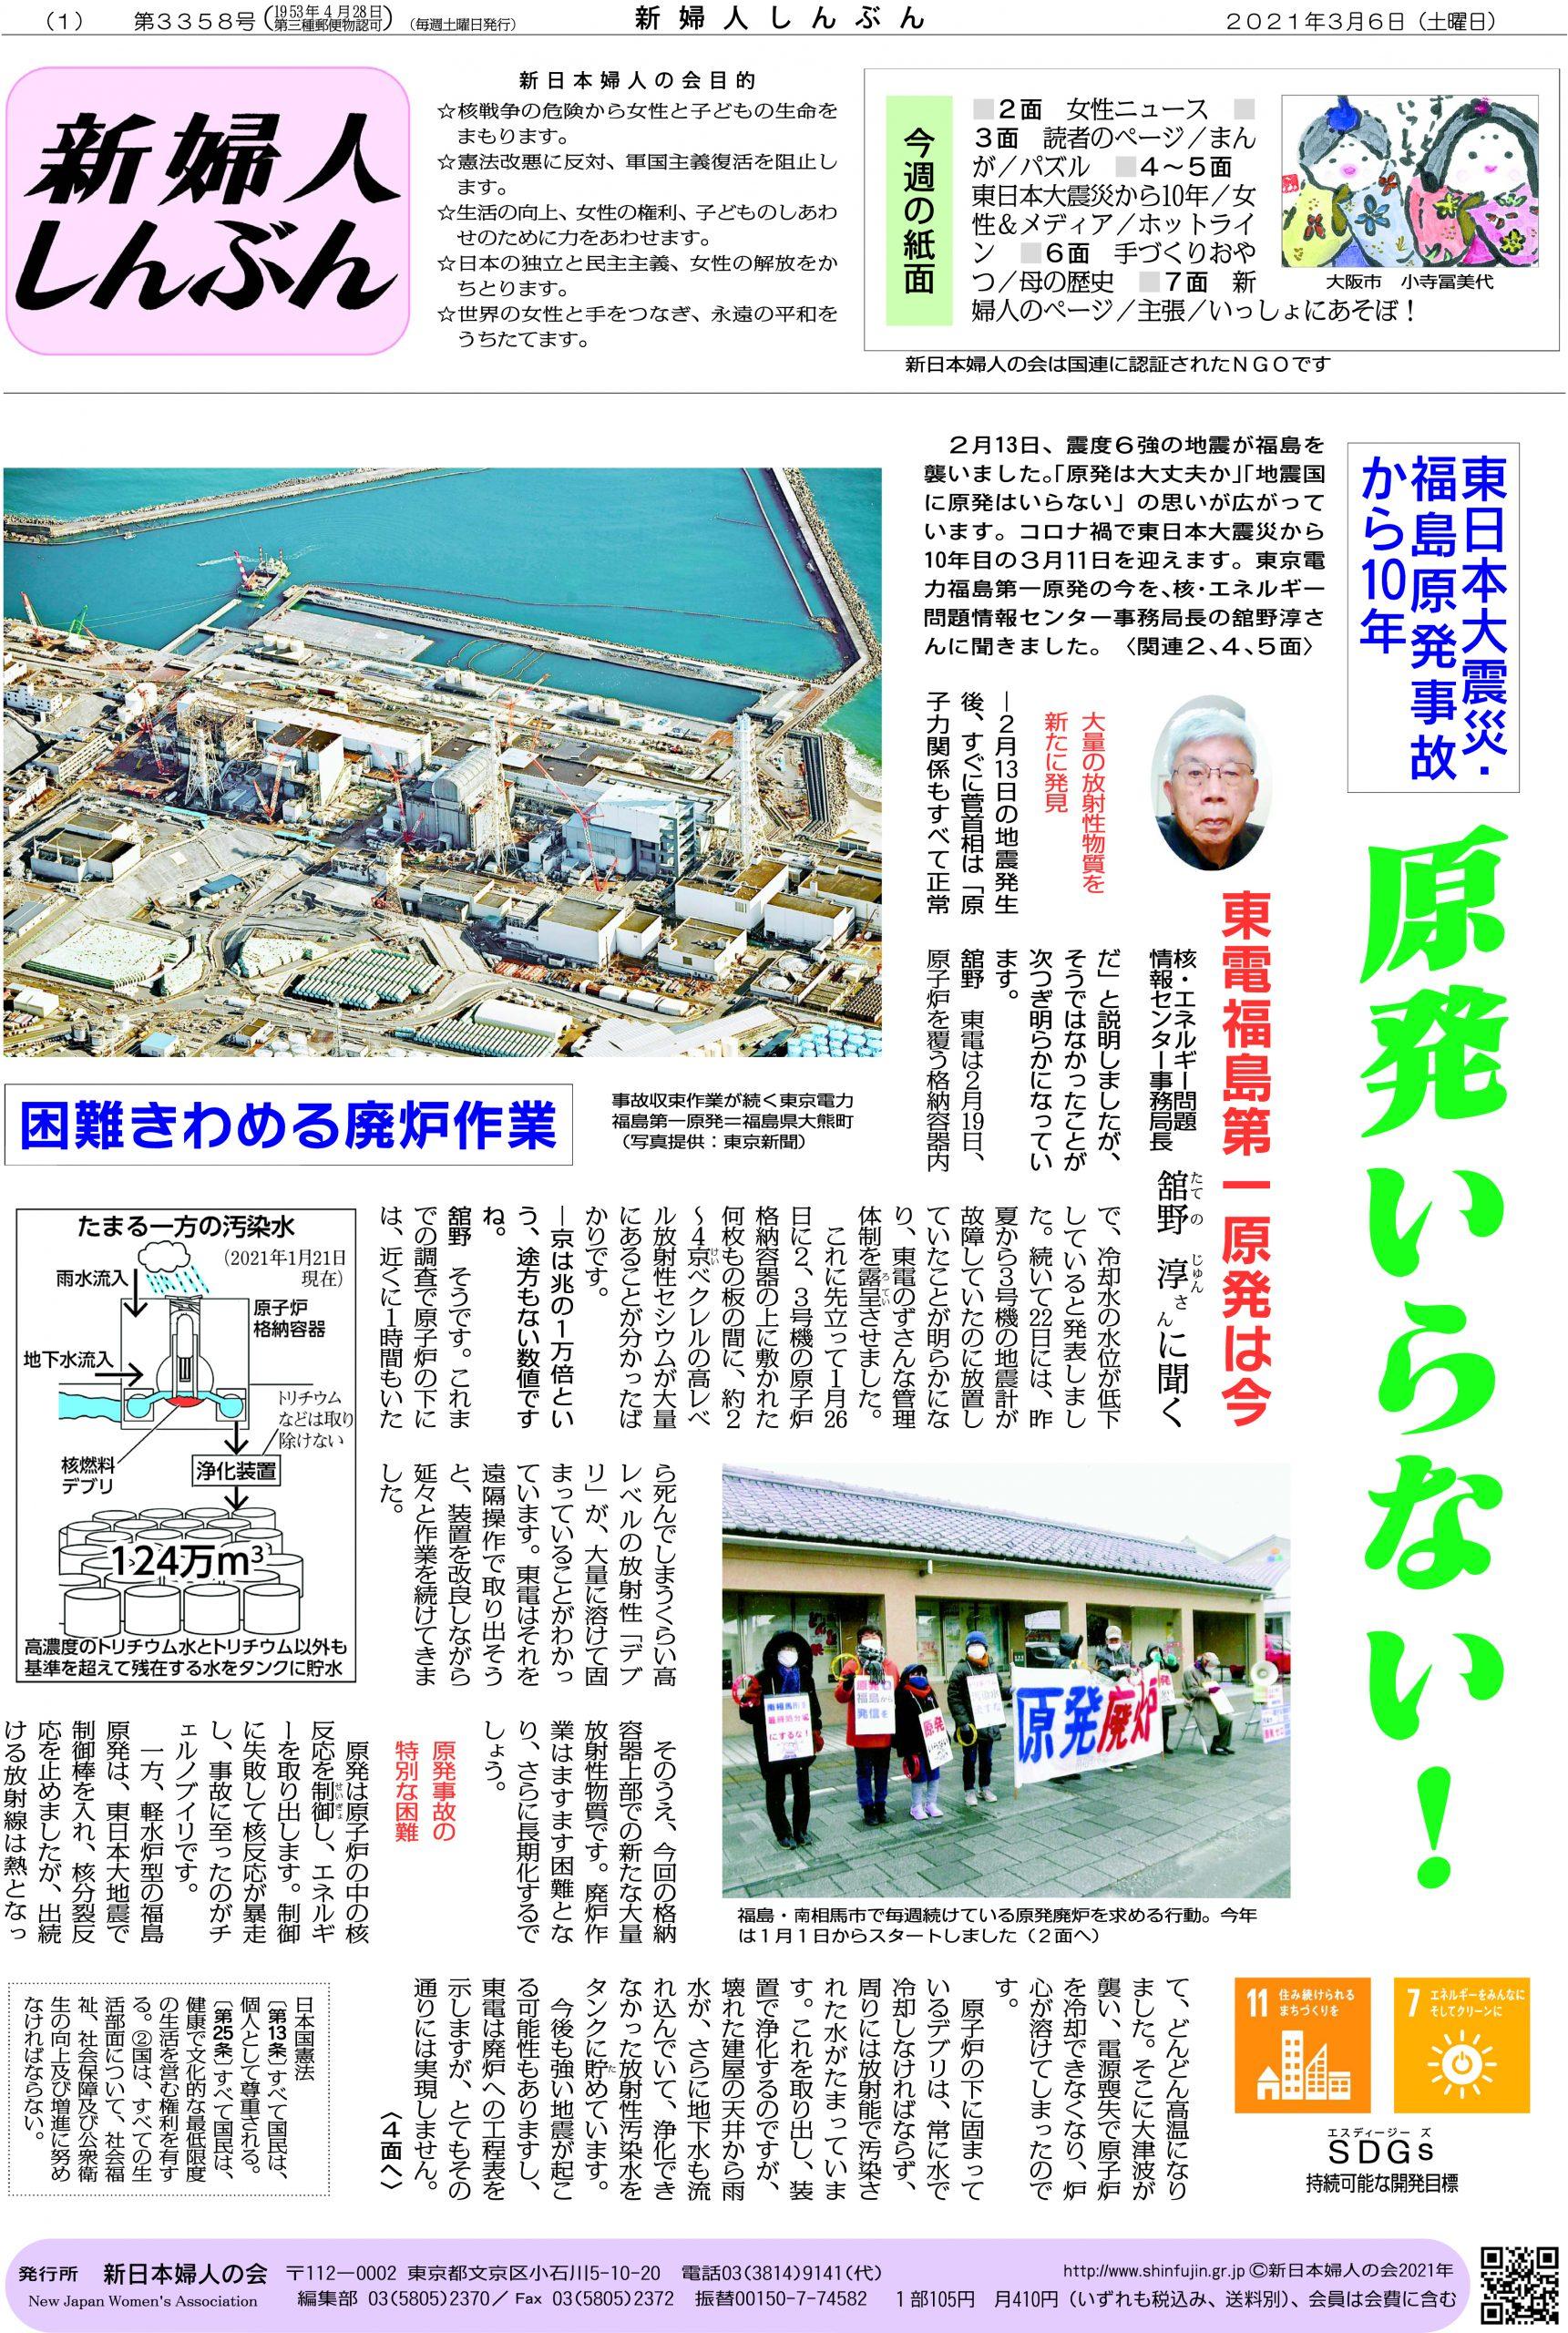 【東日本大震災・福島原発事故から10年】原発いらない!